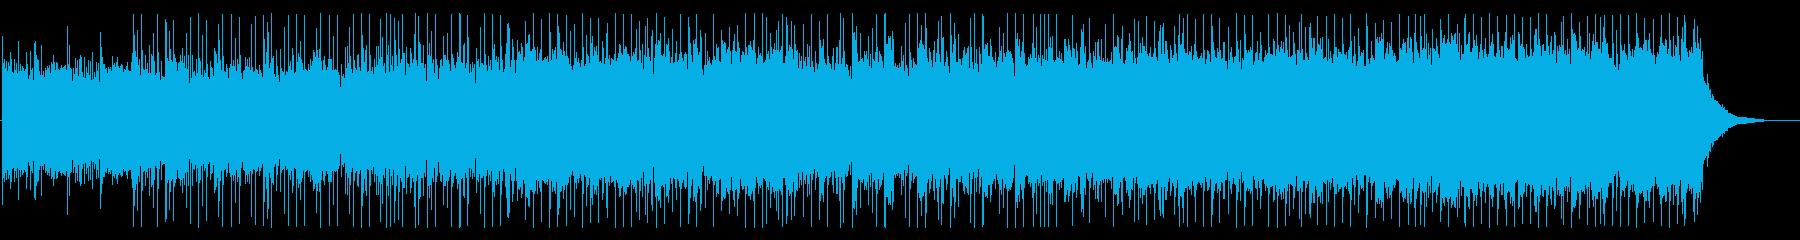 落ち着たいときに聞く穏やかなギターポップの再生済みの波形